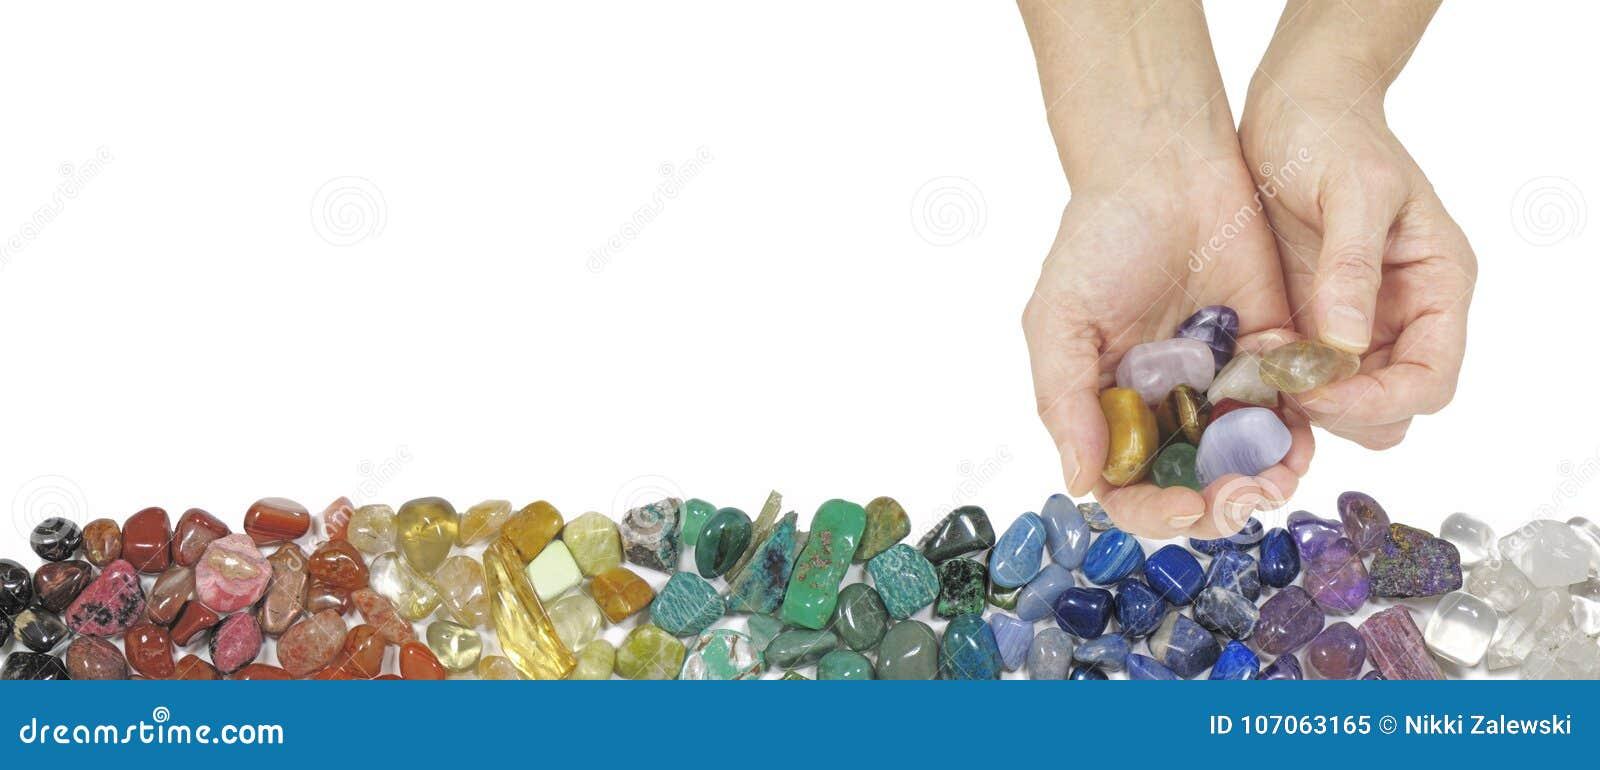 Crystal Therapist Offering een citroengele getuimelde steen